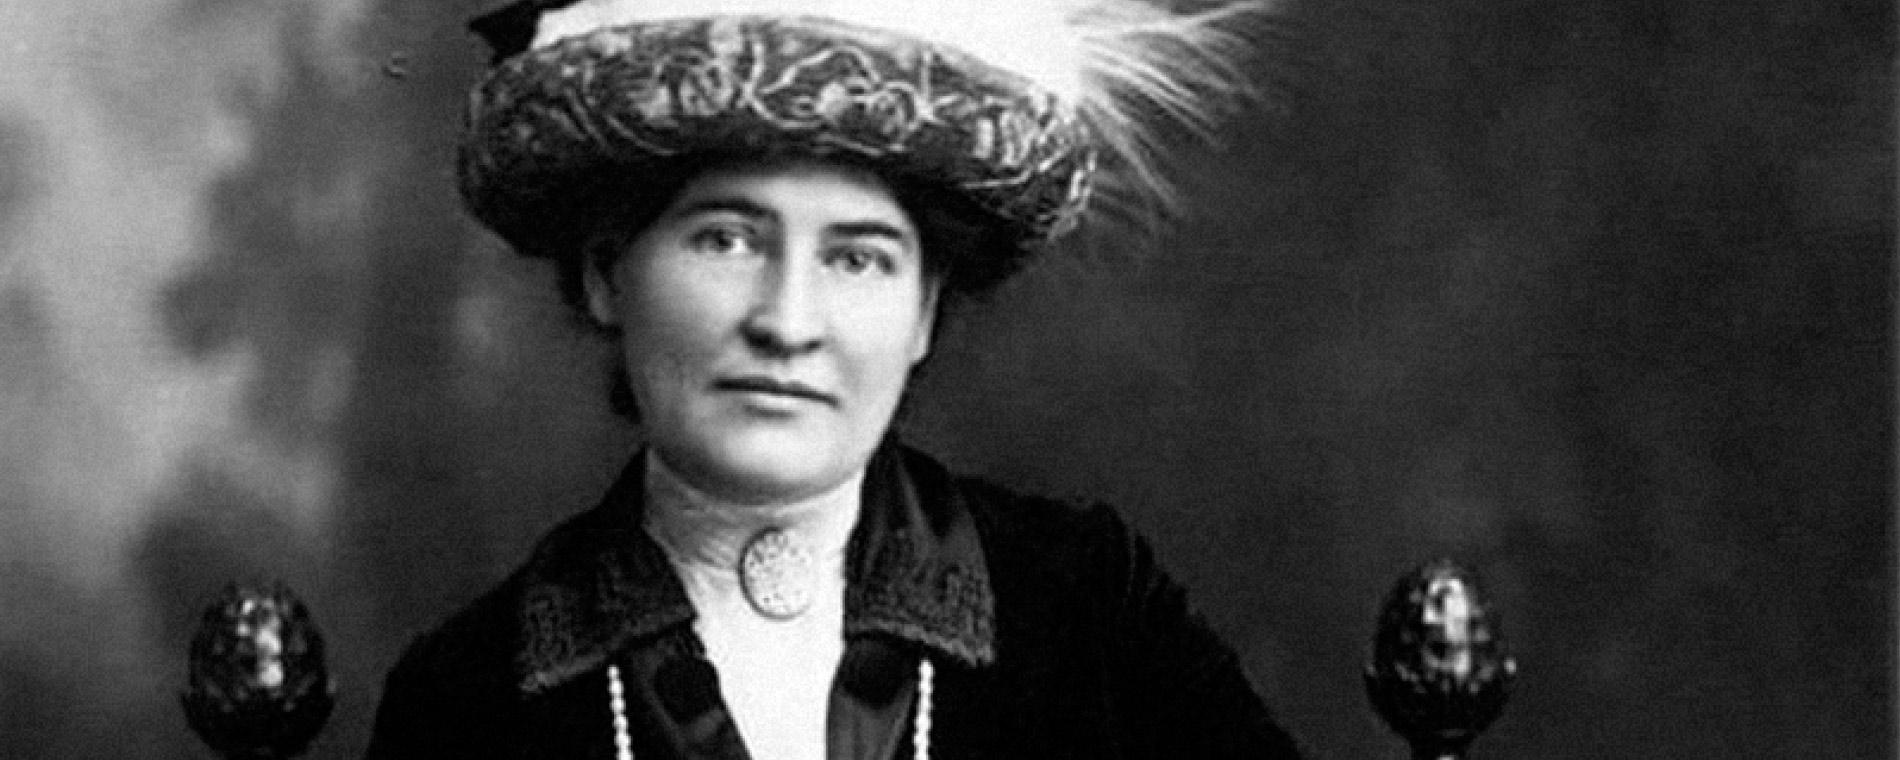 Conferencia: America's Greatest Unknown 20th Century Writer: Willa Cather